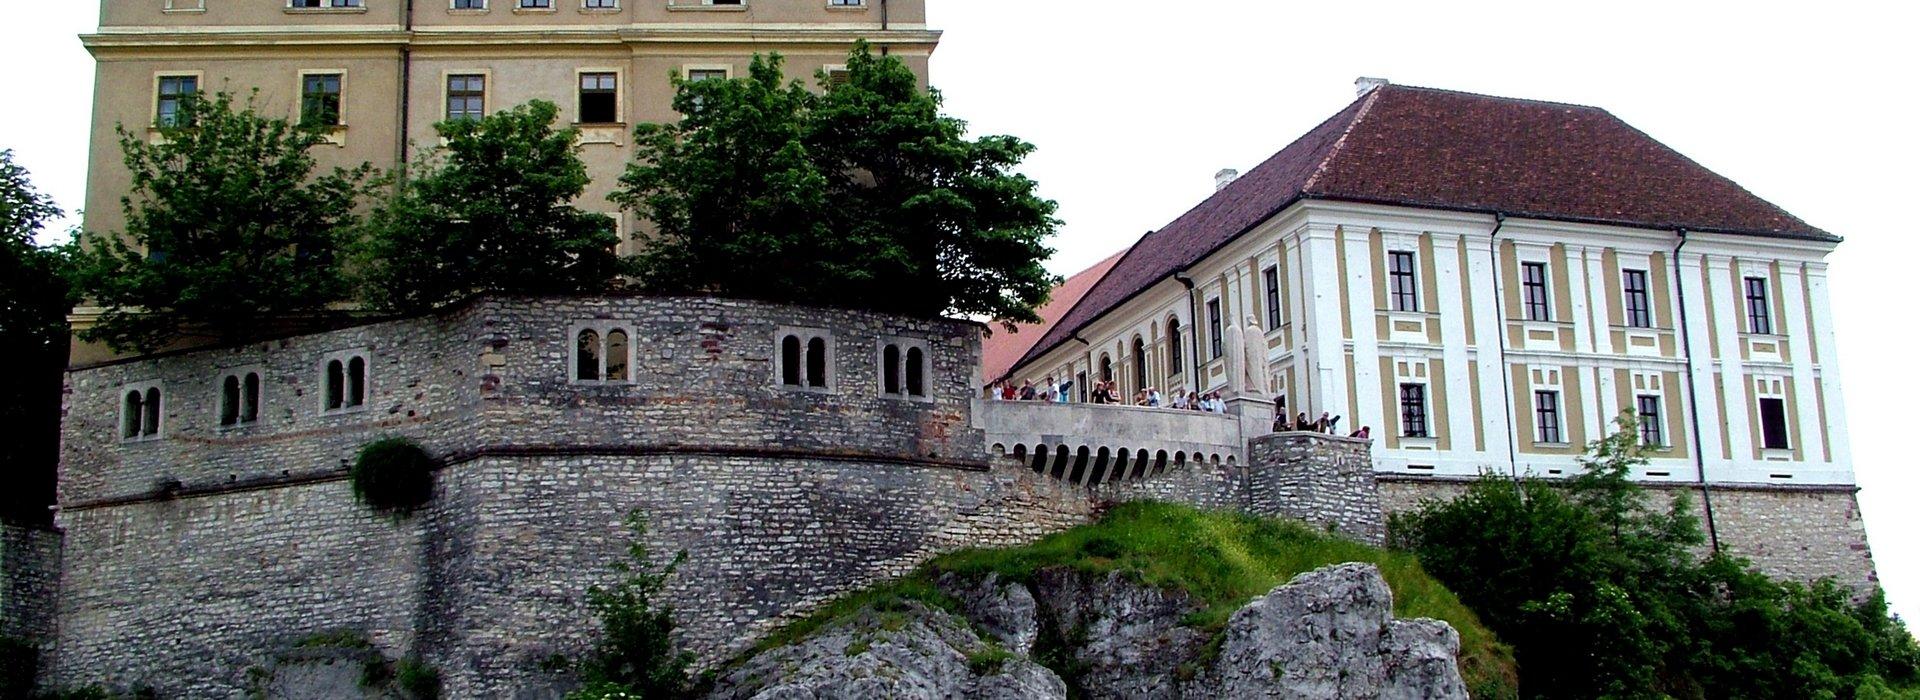 Veszprém History – History of Veszprém